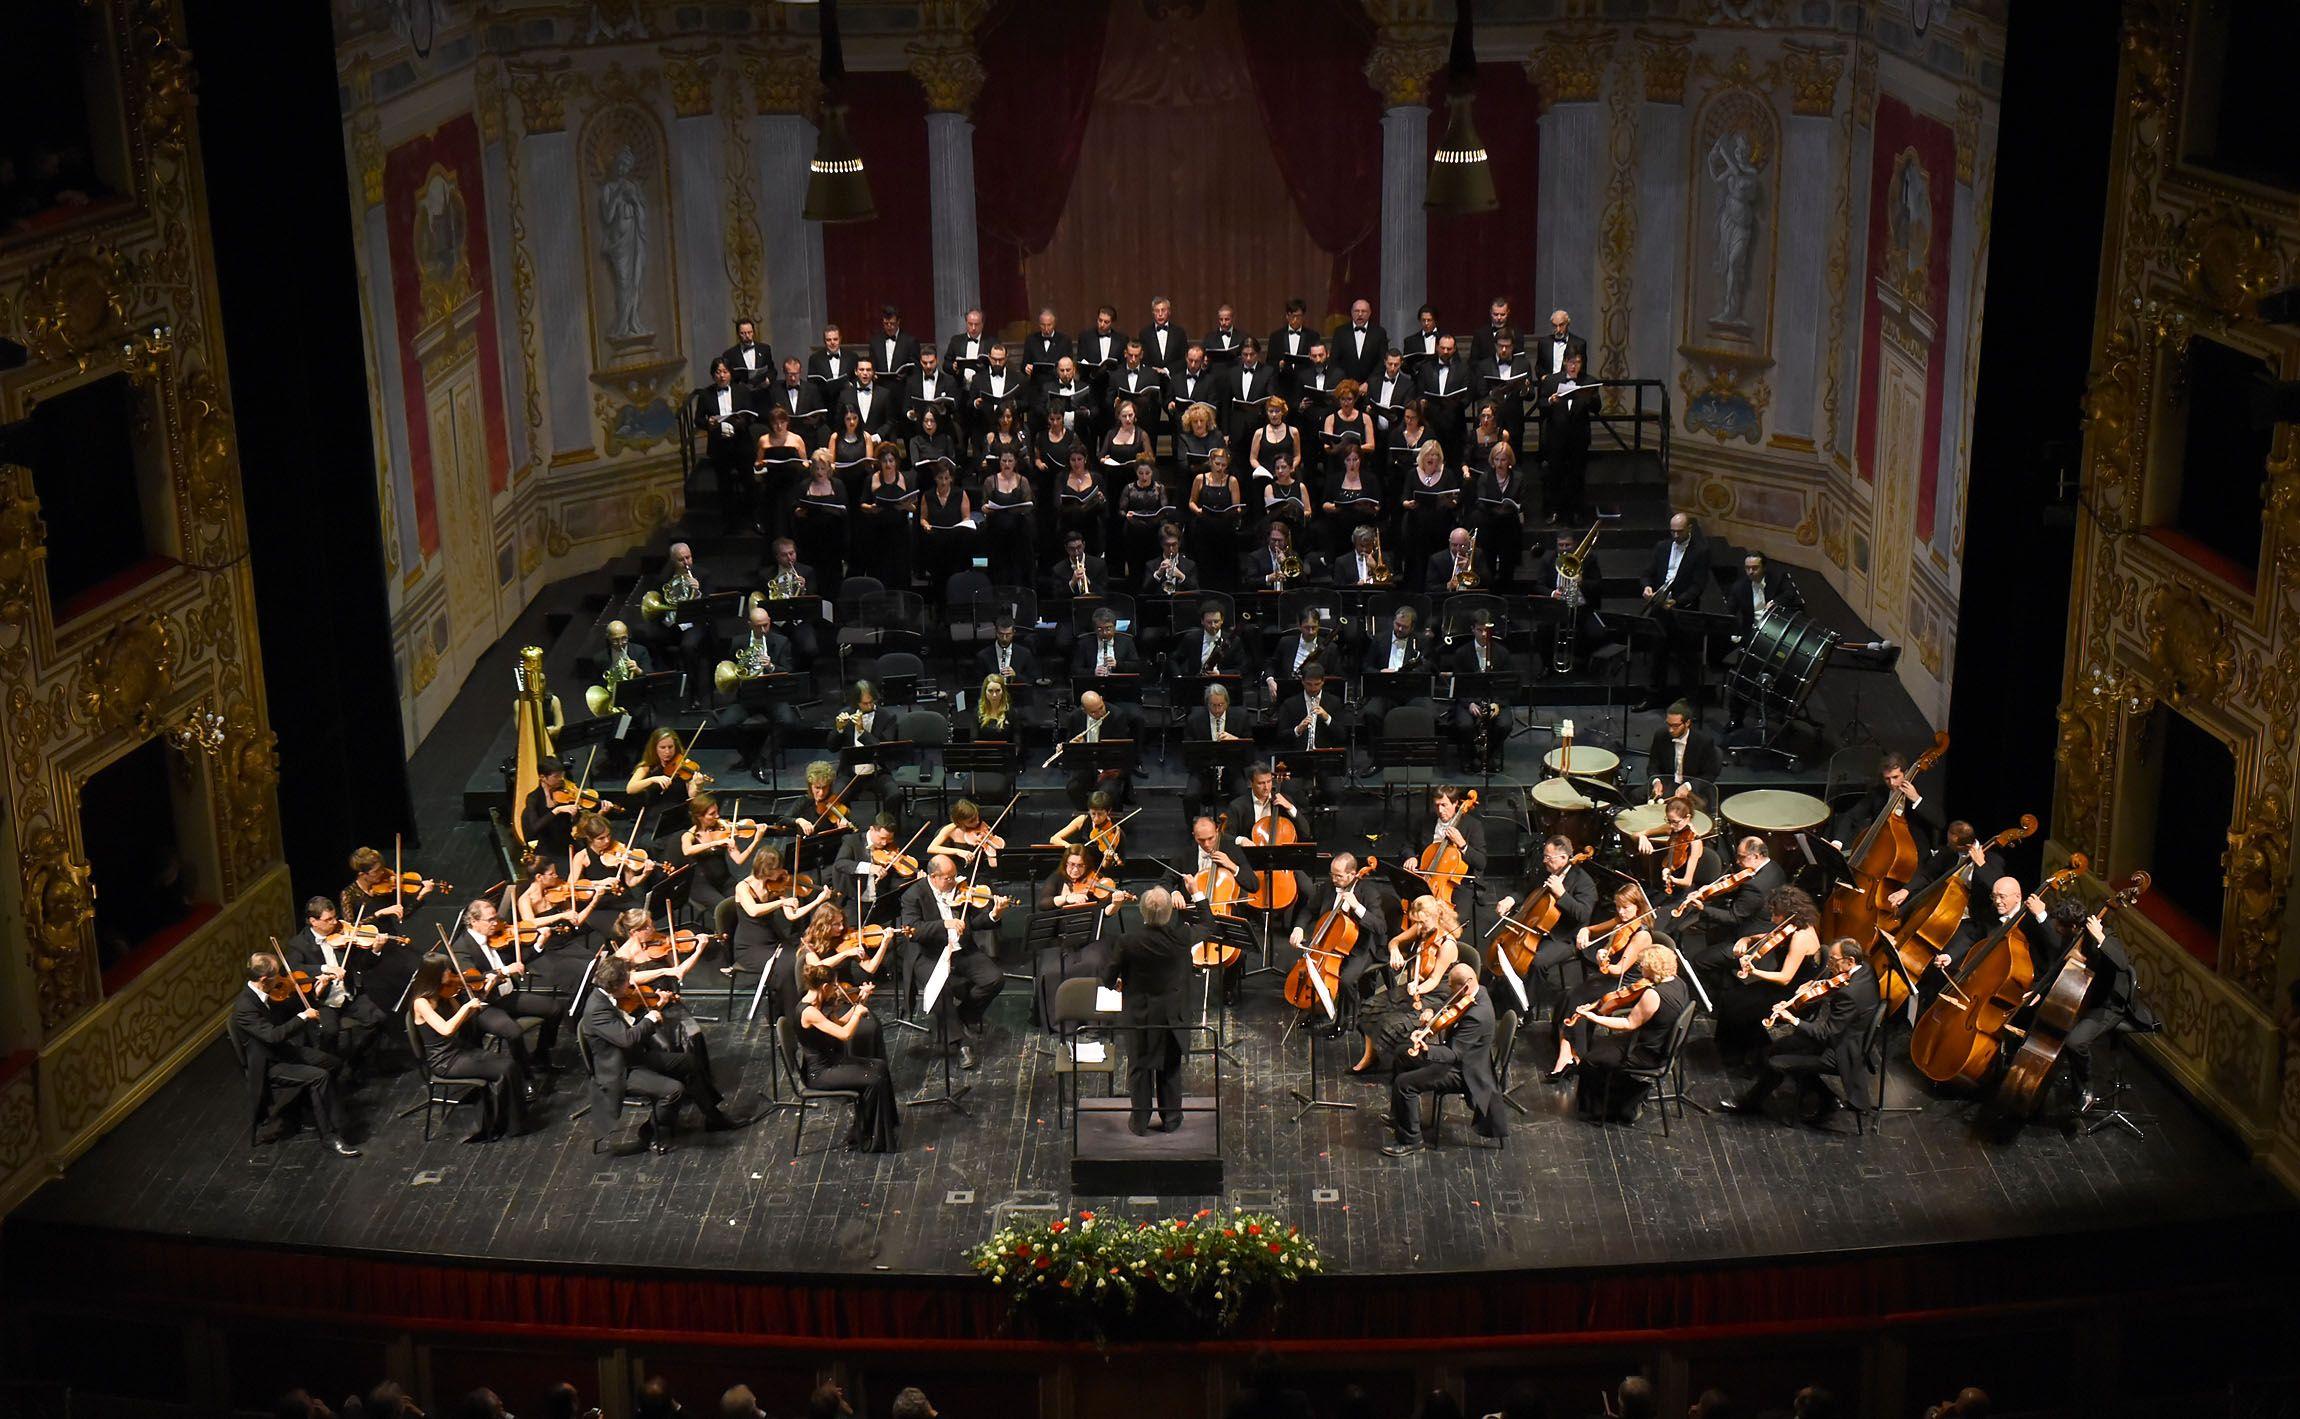 Filarmonica Arturo Toscanini e Coro del Teatro Regio di Parma diretti da Stefano Rabaglia - foto di Roberto Ricci